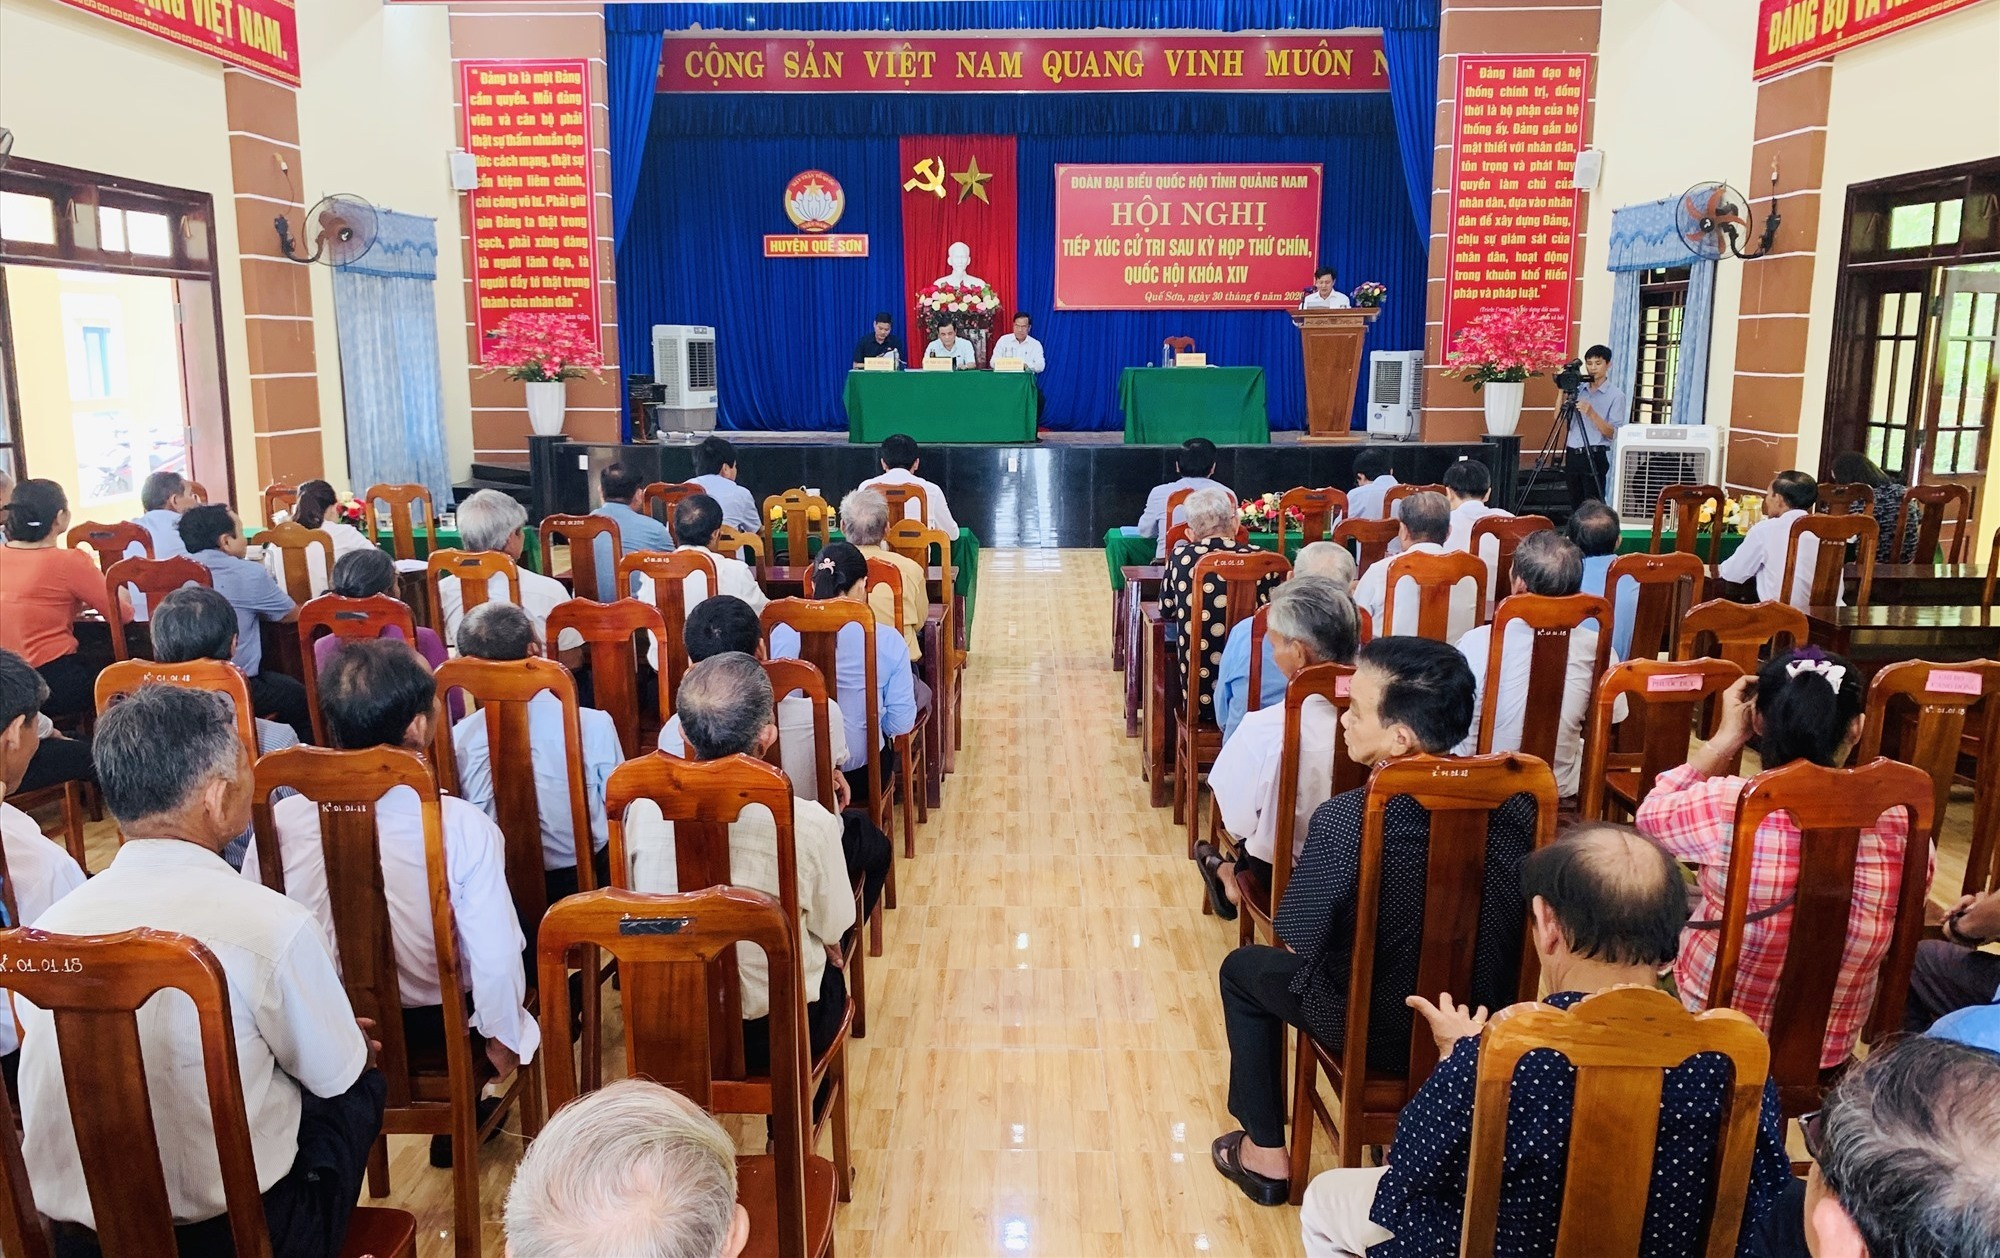 Quang cảnh hội nghị tiếp xúc cử tri tại Quế Sơn. Ảnh: PHAN VINH